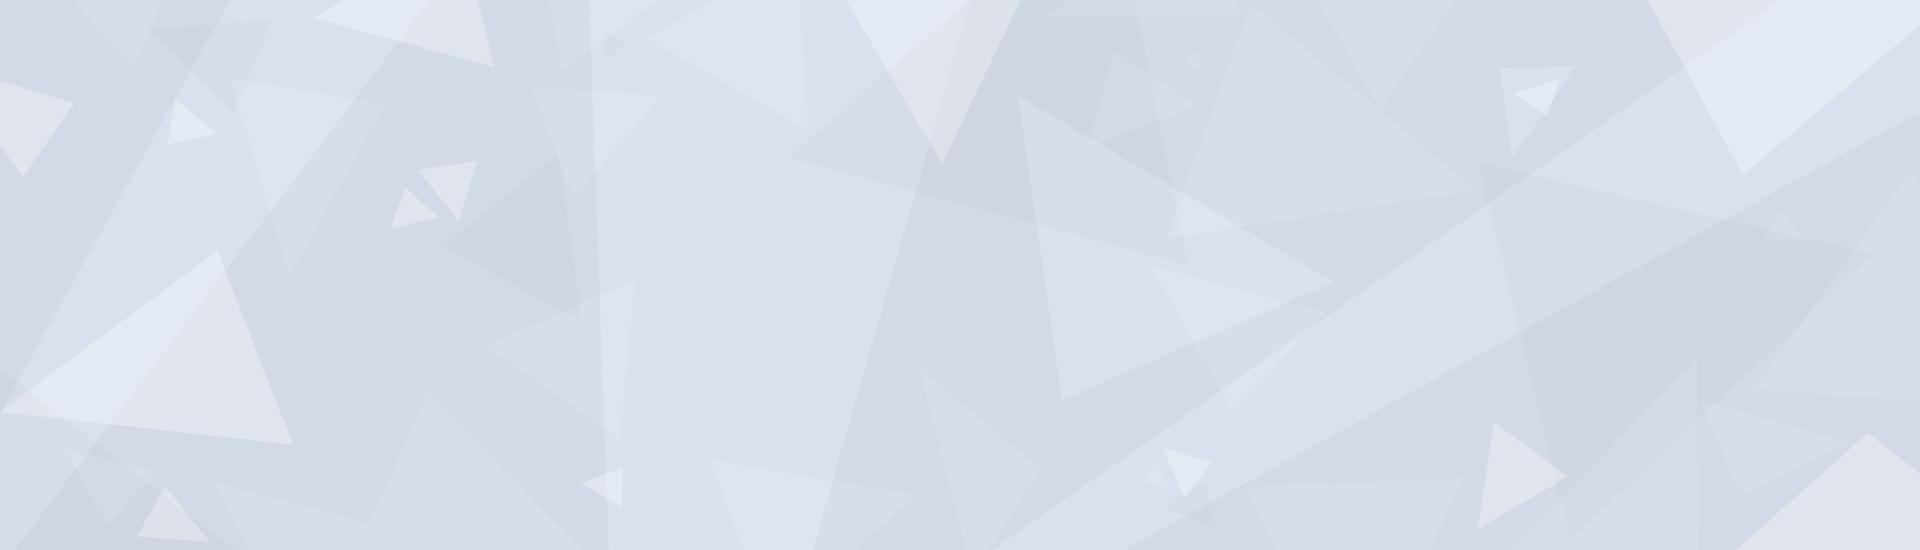 Kazenl - VSLeague Online eSport